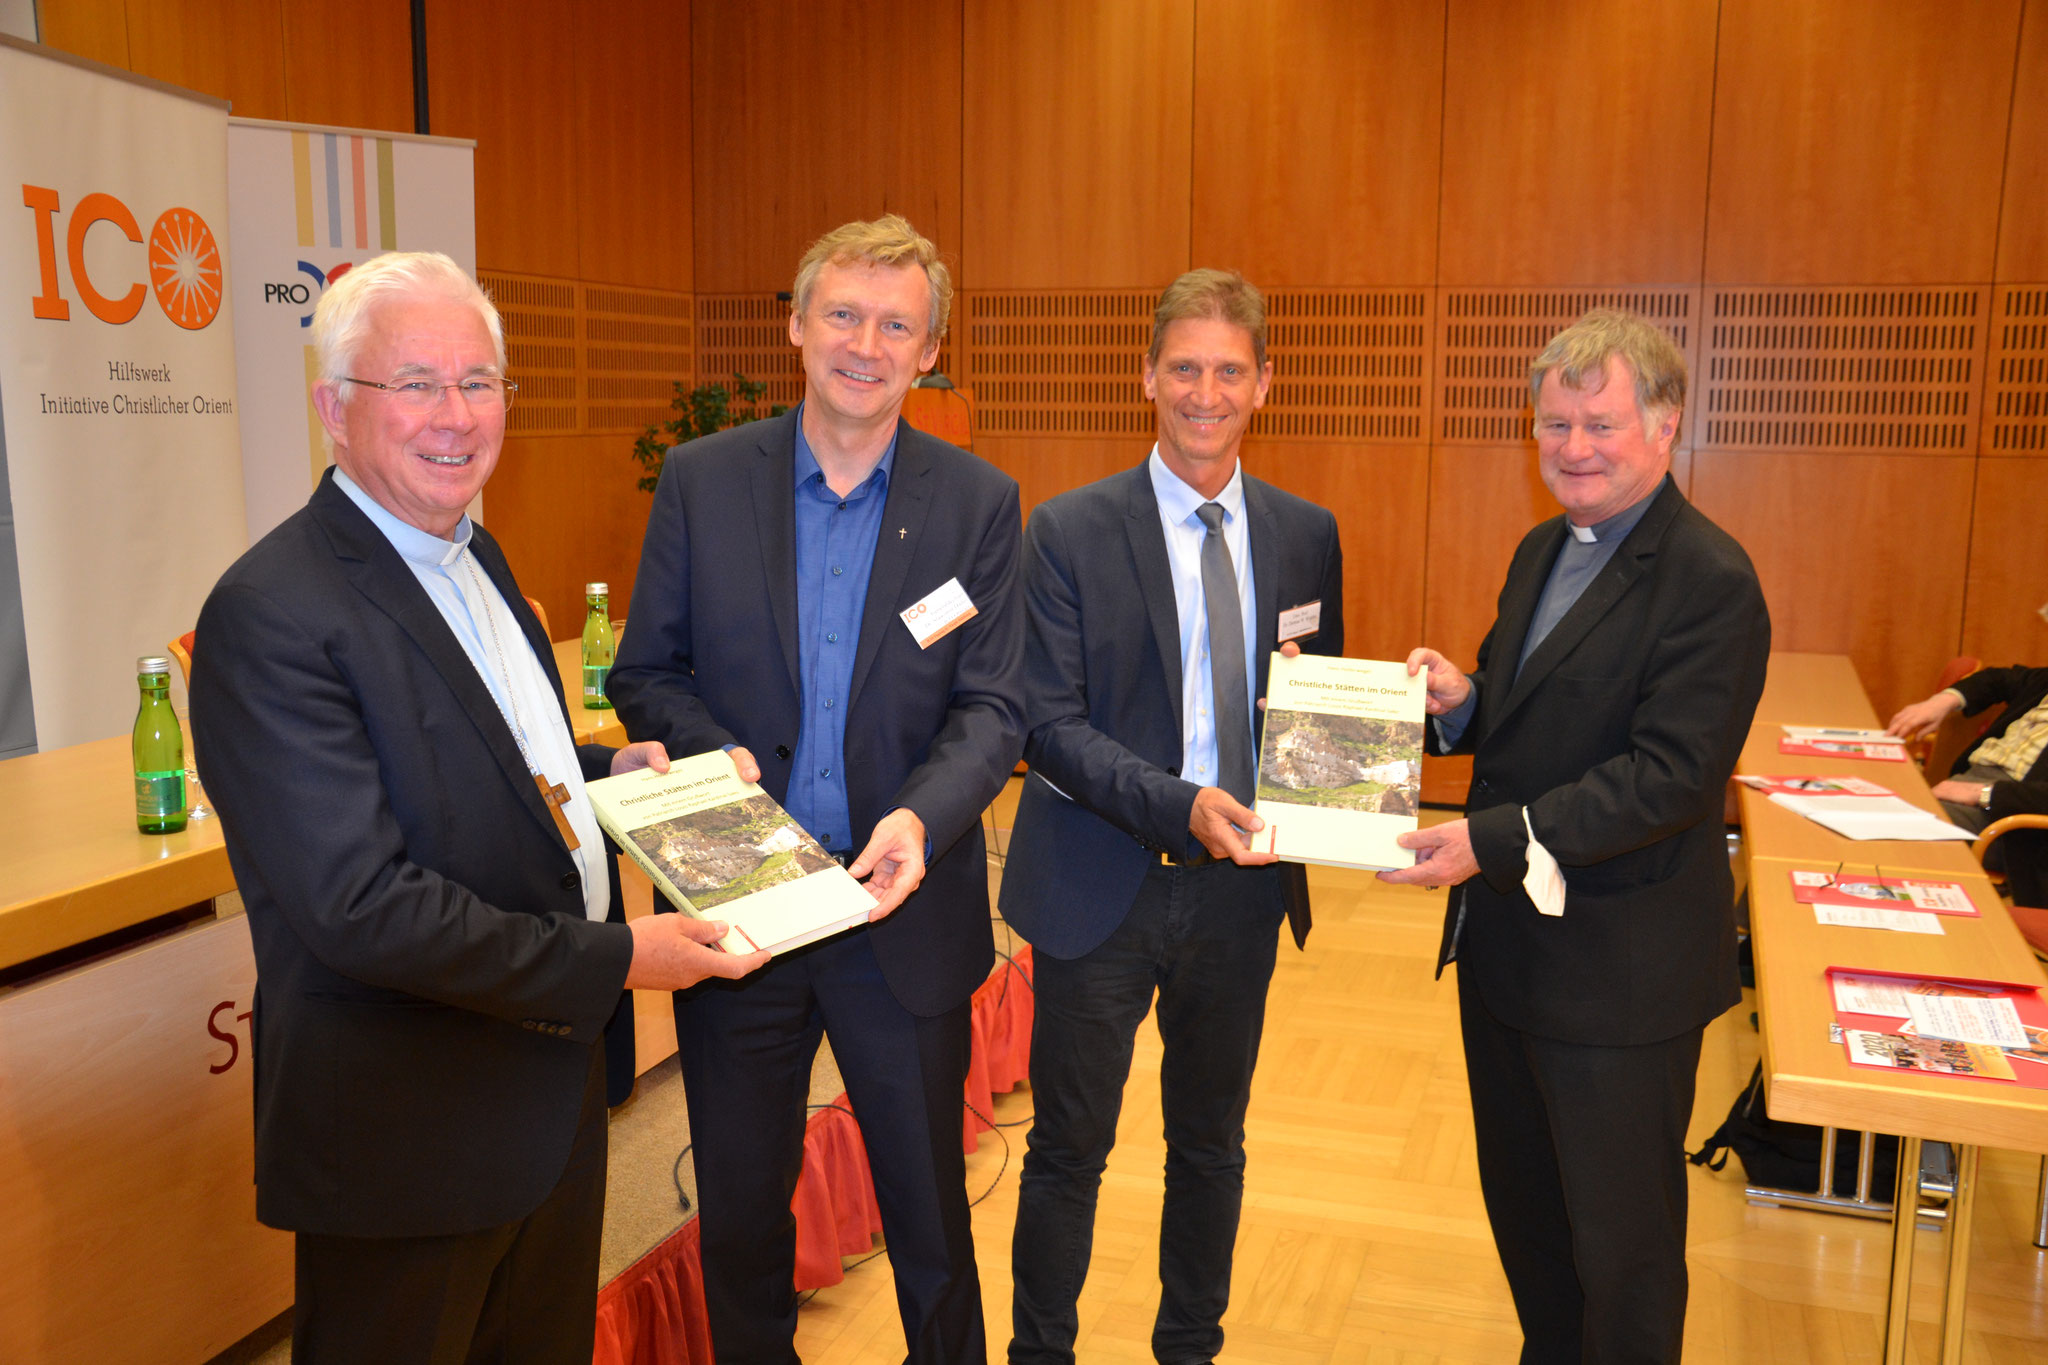 Auch die Bischöfe freuen sich über das neue Buch von Hans Hollerweger. Moderator Prof. Dietmar Winkler (2.v.r.) stellte es im Rahmen der Abendveranstaltung vor.